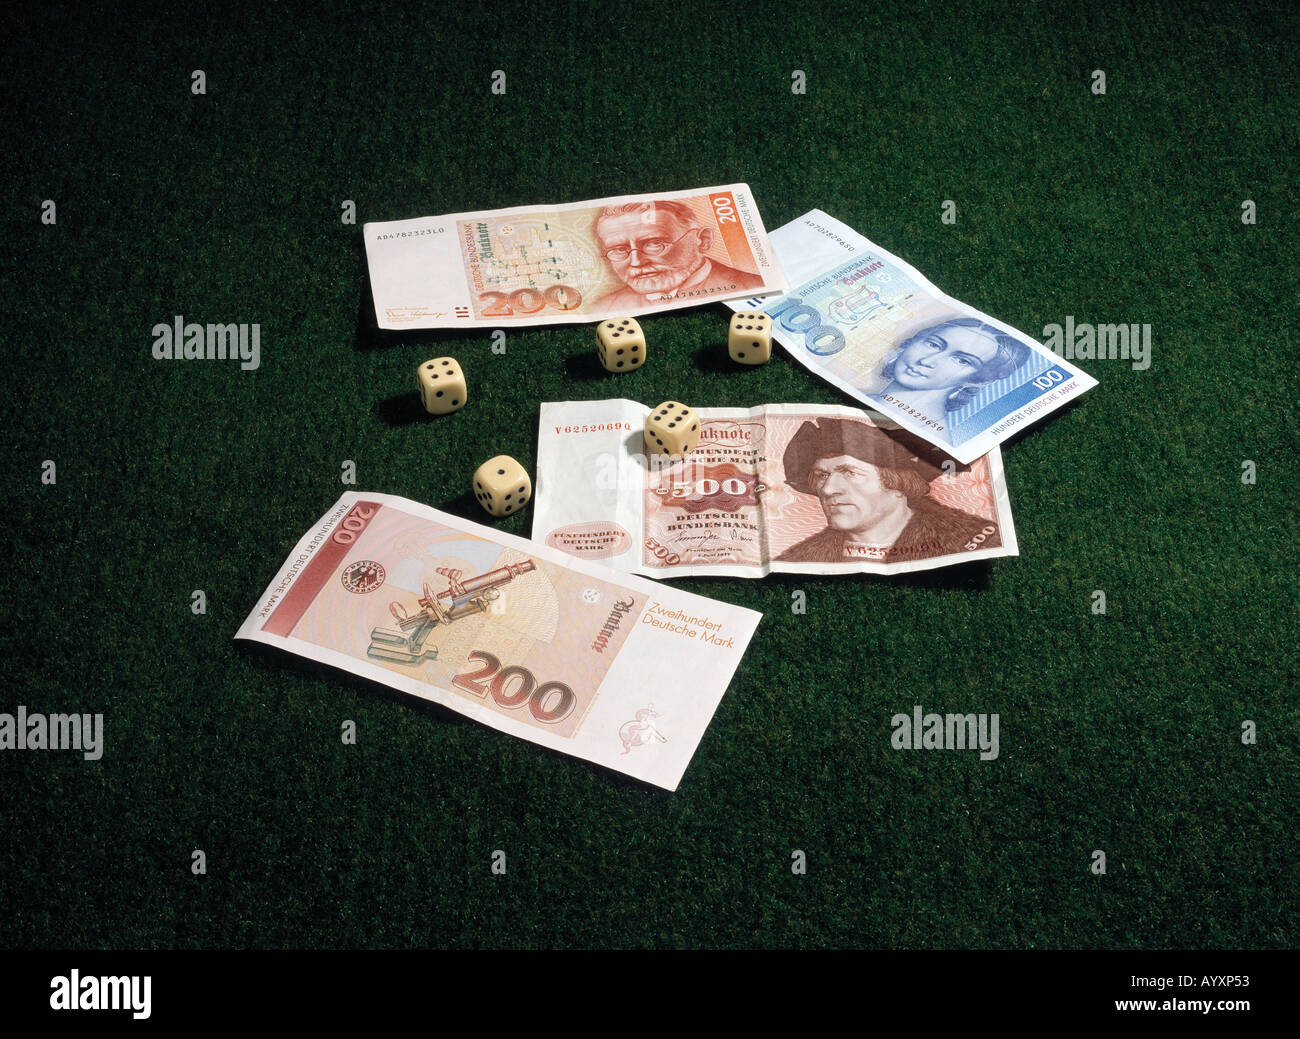 Germany, German bank notes, dies, German currency, German money, DM, German marks, currency before the Euro - Stock Image